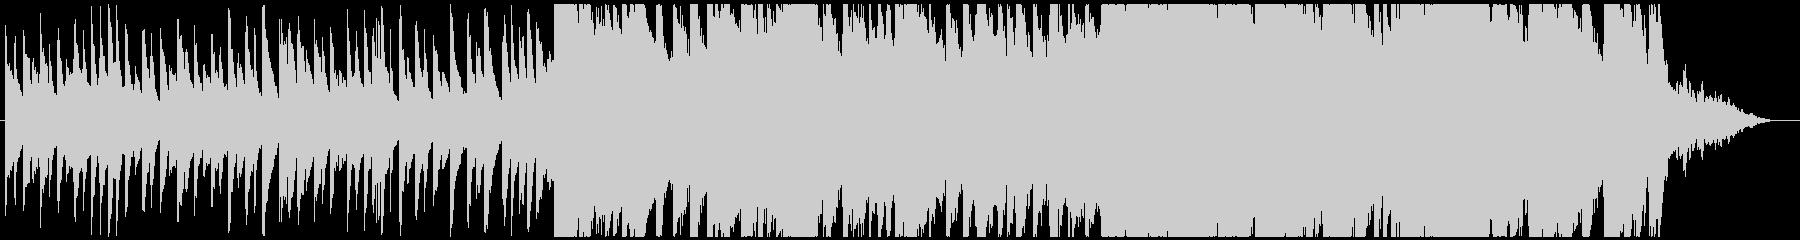 ピアノと弦楽器の感動和風BGMの未再生の波形